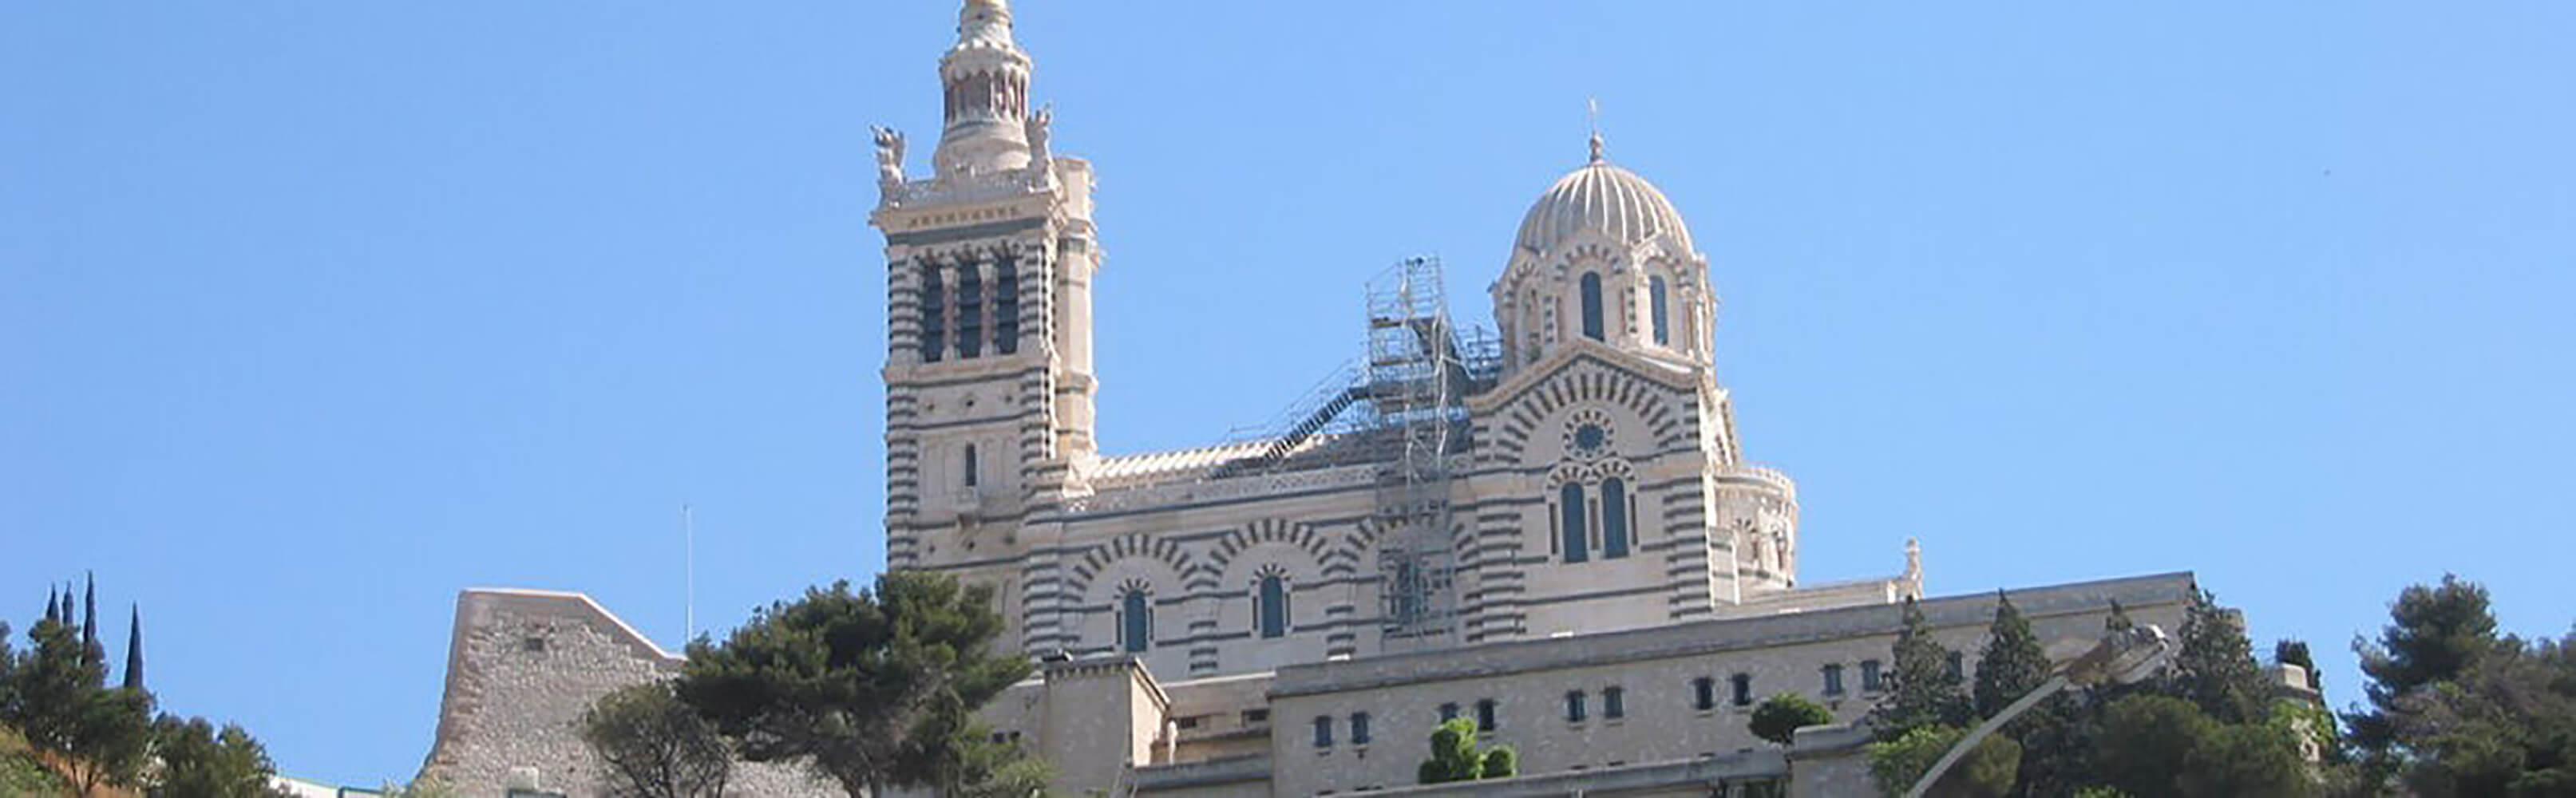 Notre-Dame-de-la-Garde 1